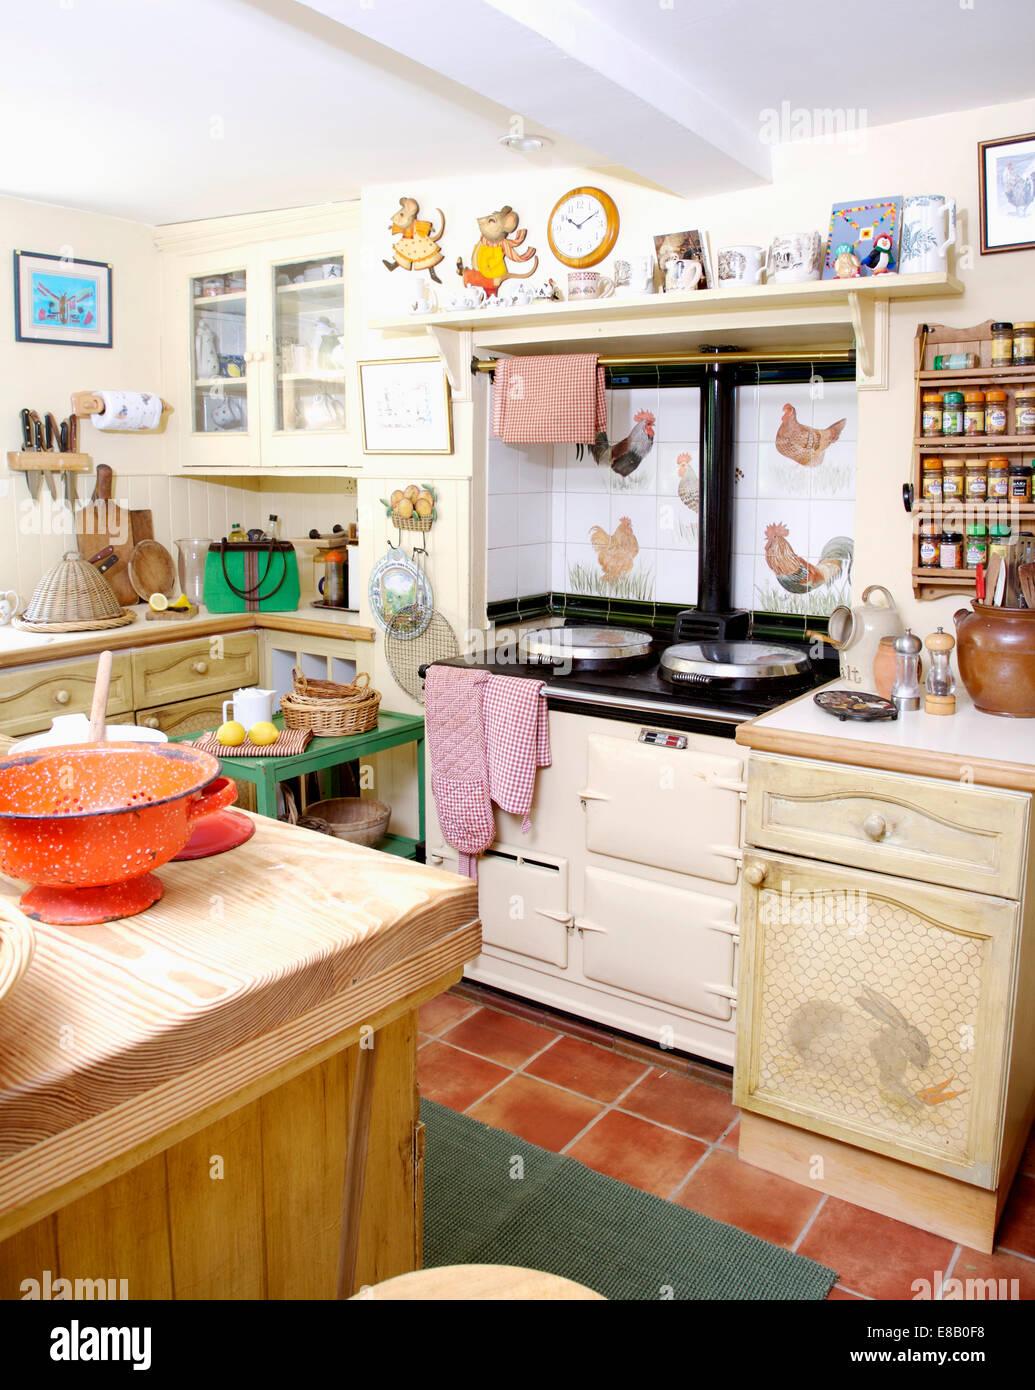 White Aga Ofen Und Terracotta Gefliesten Boden Im Cottage